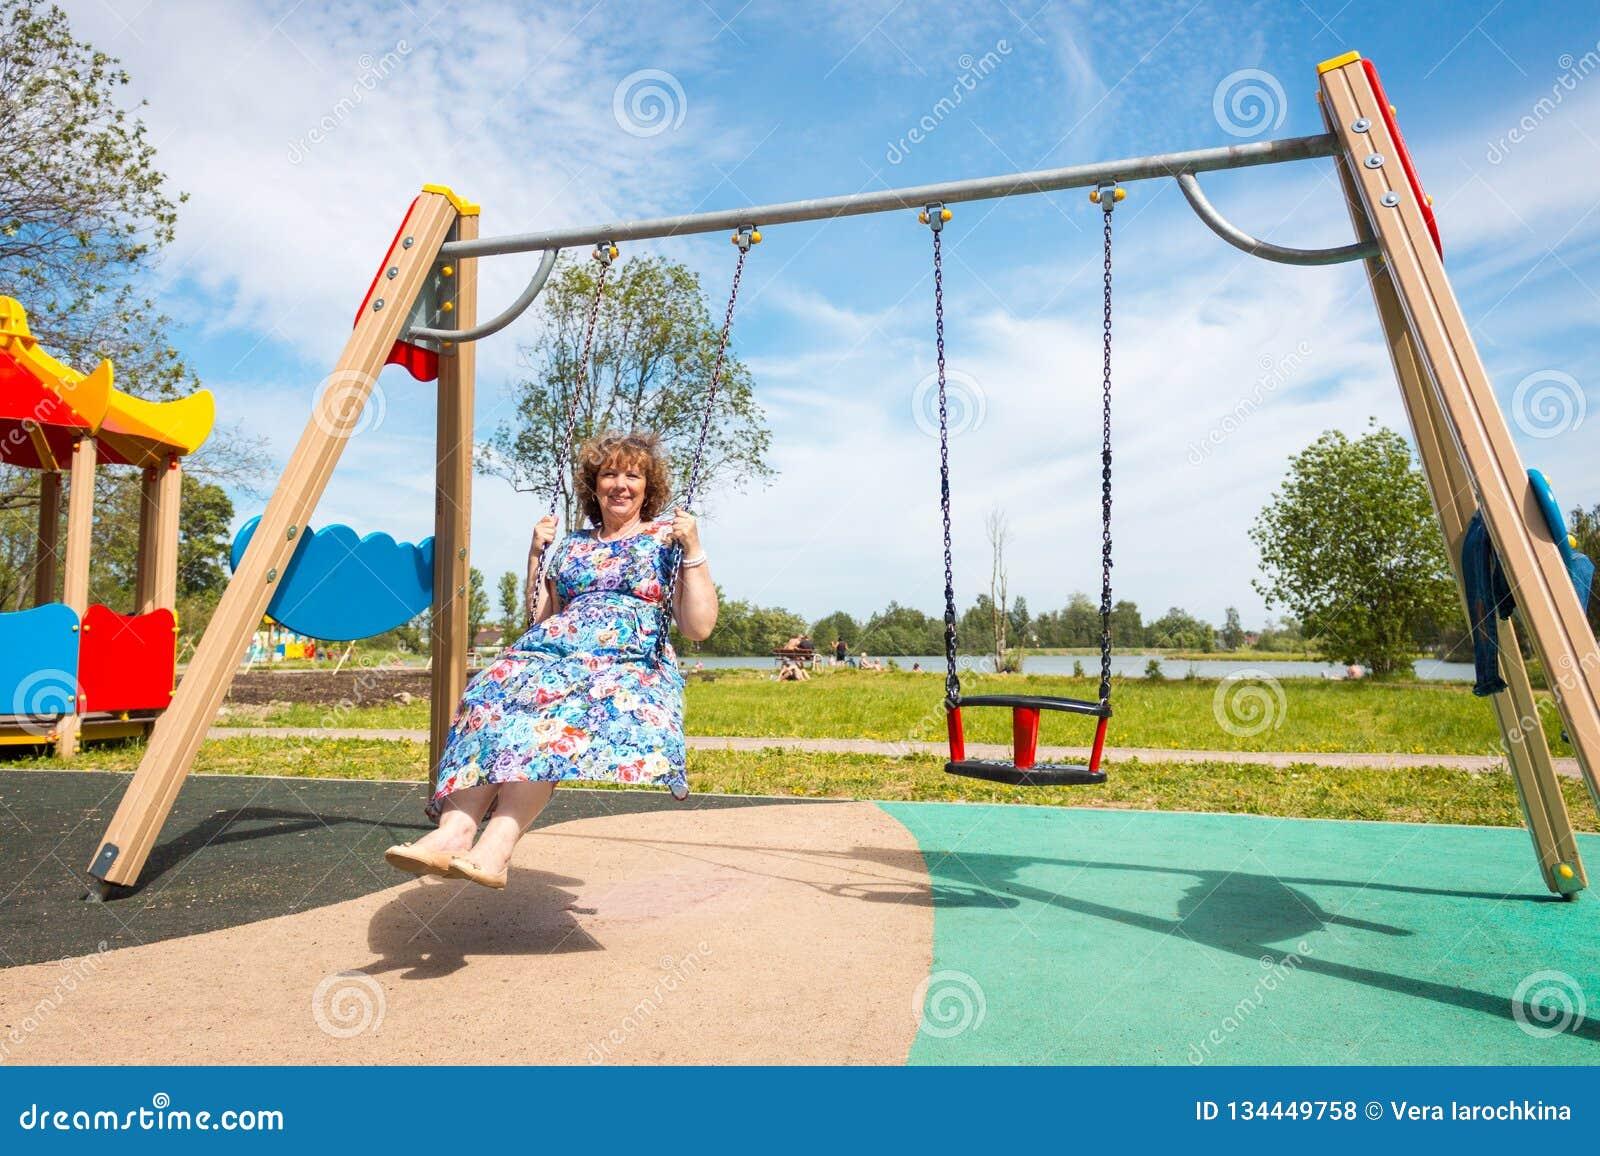 Avó mulher adulta que monta um balanço no campo de jogos